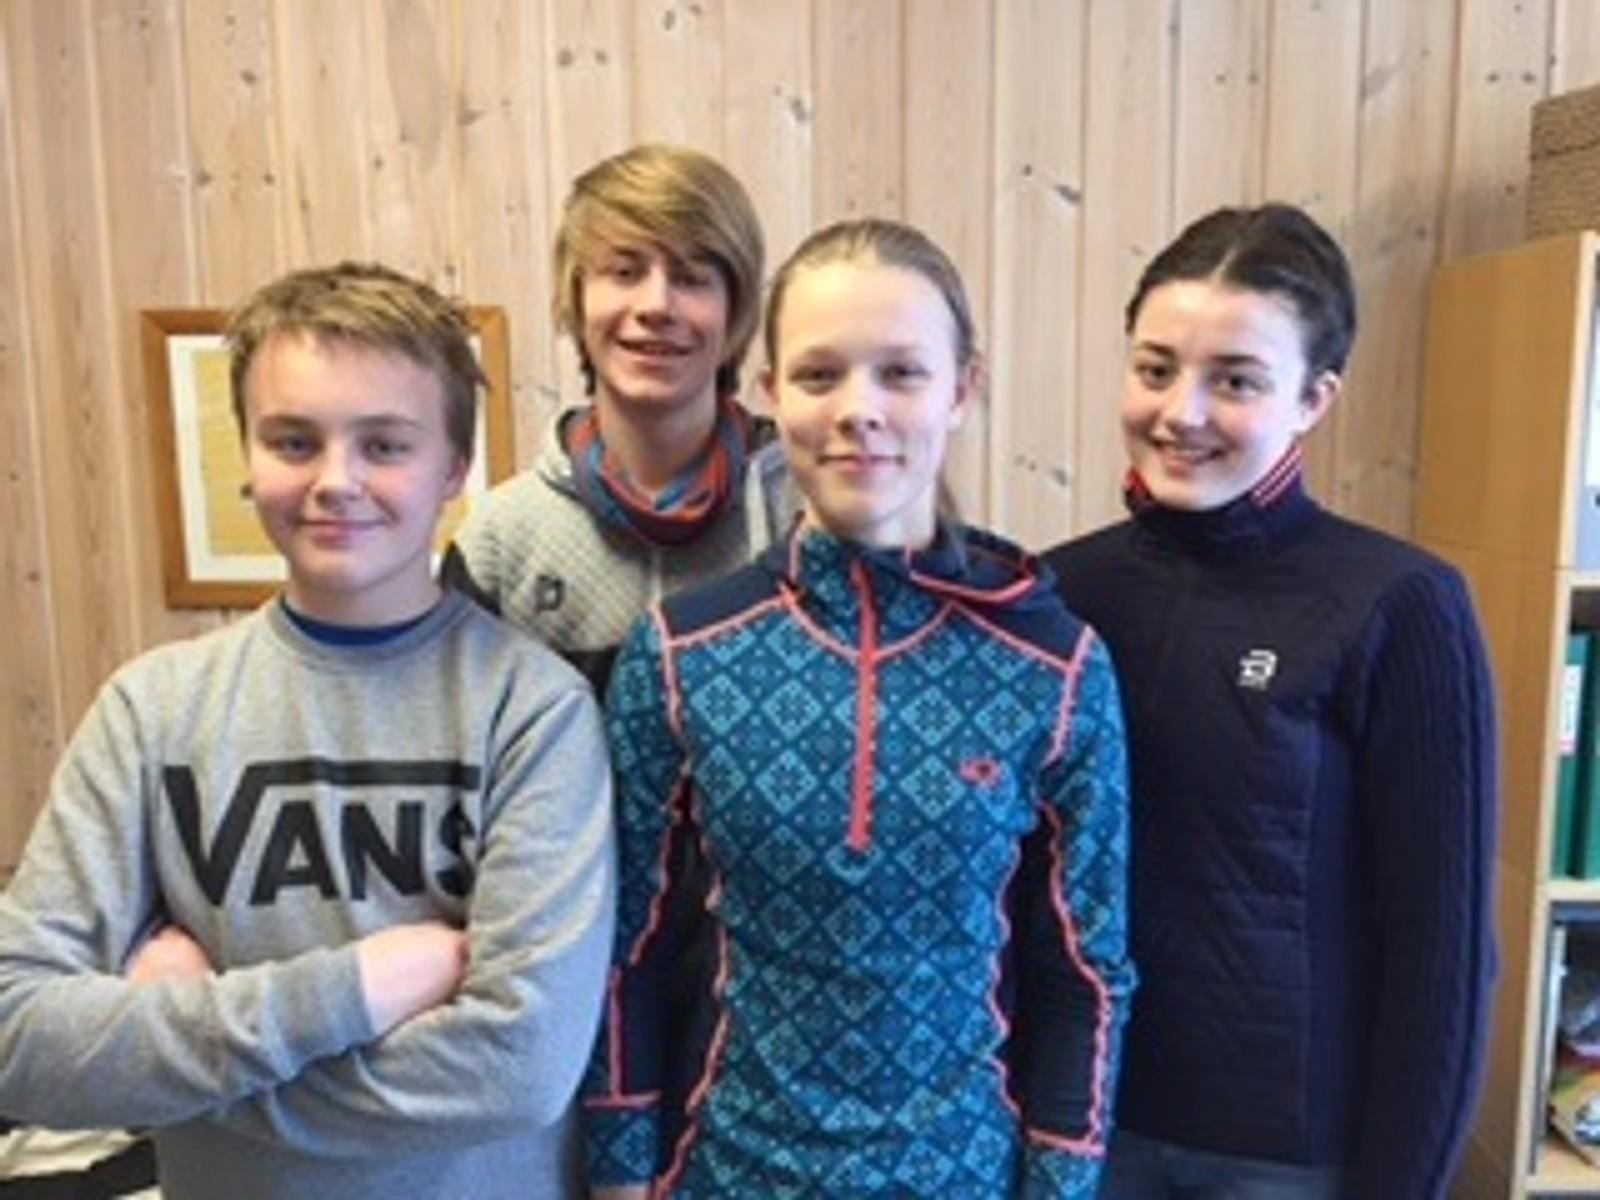 Bak fra venstre: Martinus Grev (reserve), Eirin Berg Lillebråten.  Foran fra venstre: Halvor Gården Sveen og Jorid Skogen Vorkinn fra Vågå ungdomsskole